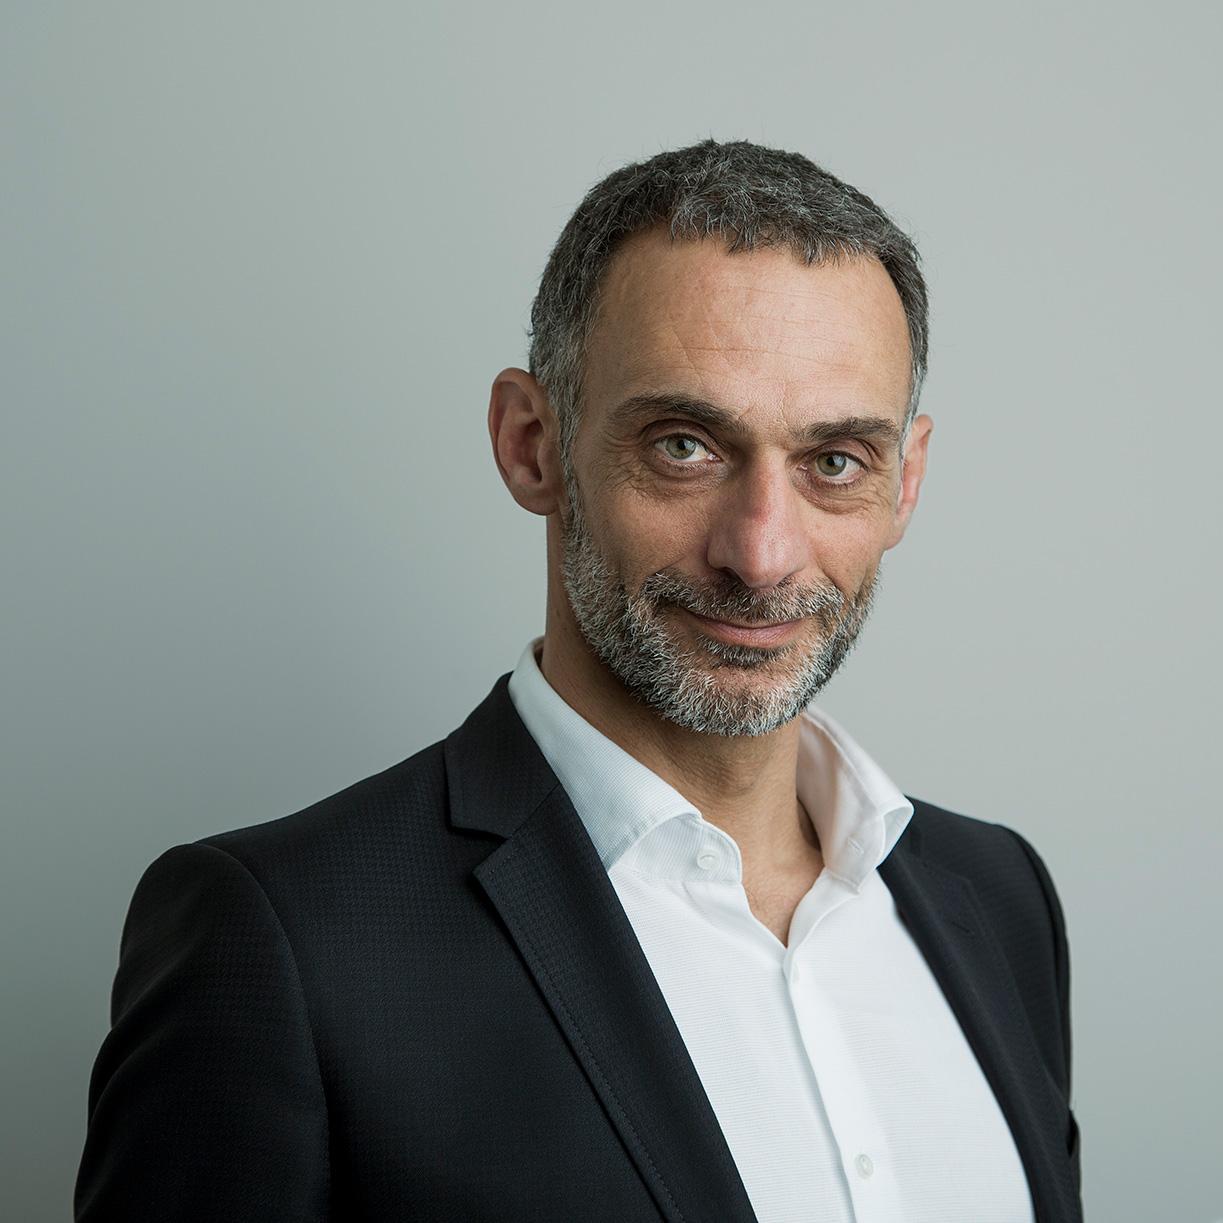 Jean Bernard MICHEL, Avocat associé | Ellipse Avocats Avocats spécialisés en Droit du Travail et des Relations Sociales